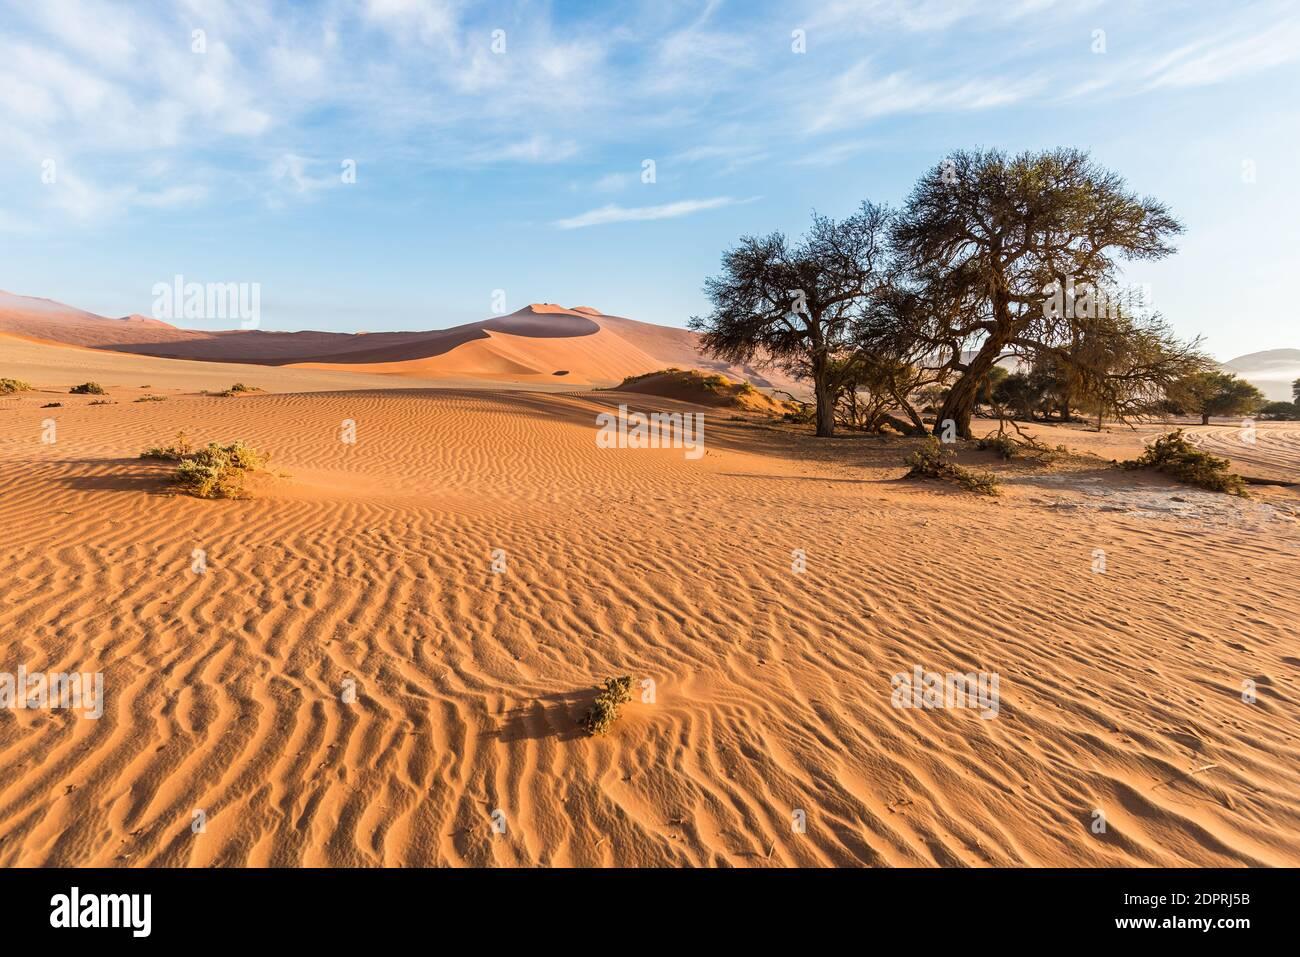 Le panoramiche Sossusvlei e Deadvlei, argilla e saline con alberi di Acacia intrecciati circondati da maestose dune di sabbia. Namib Naukluft National Park, principale attrazione turistica e destinazione di viaggio in Namibia. Foto Stock